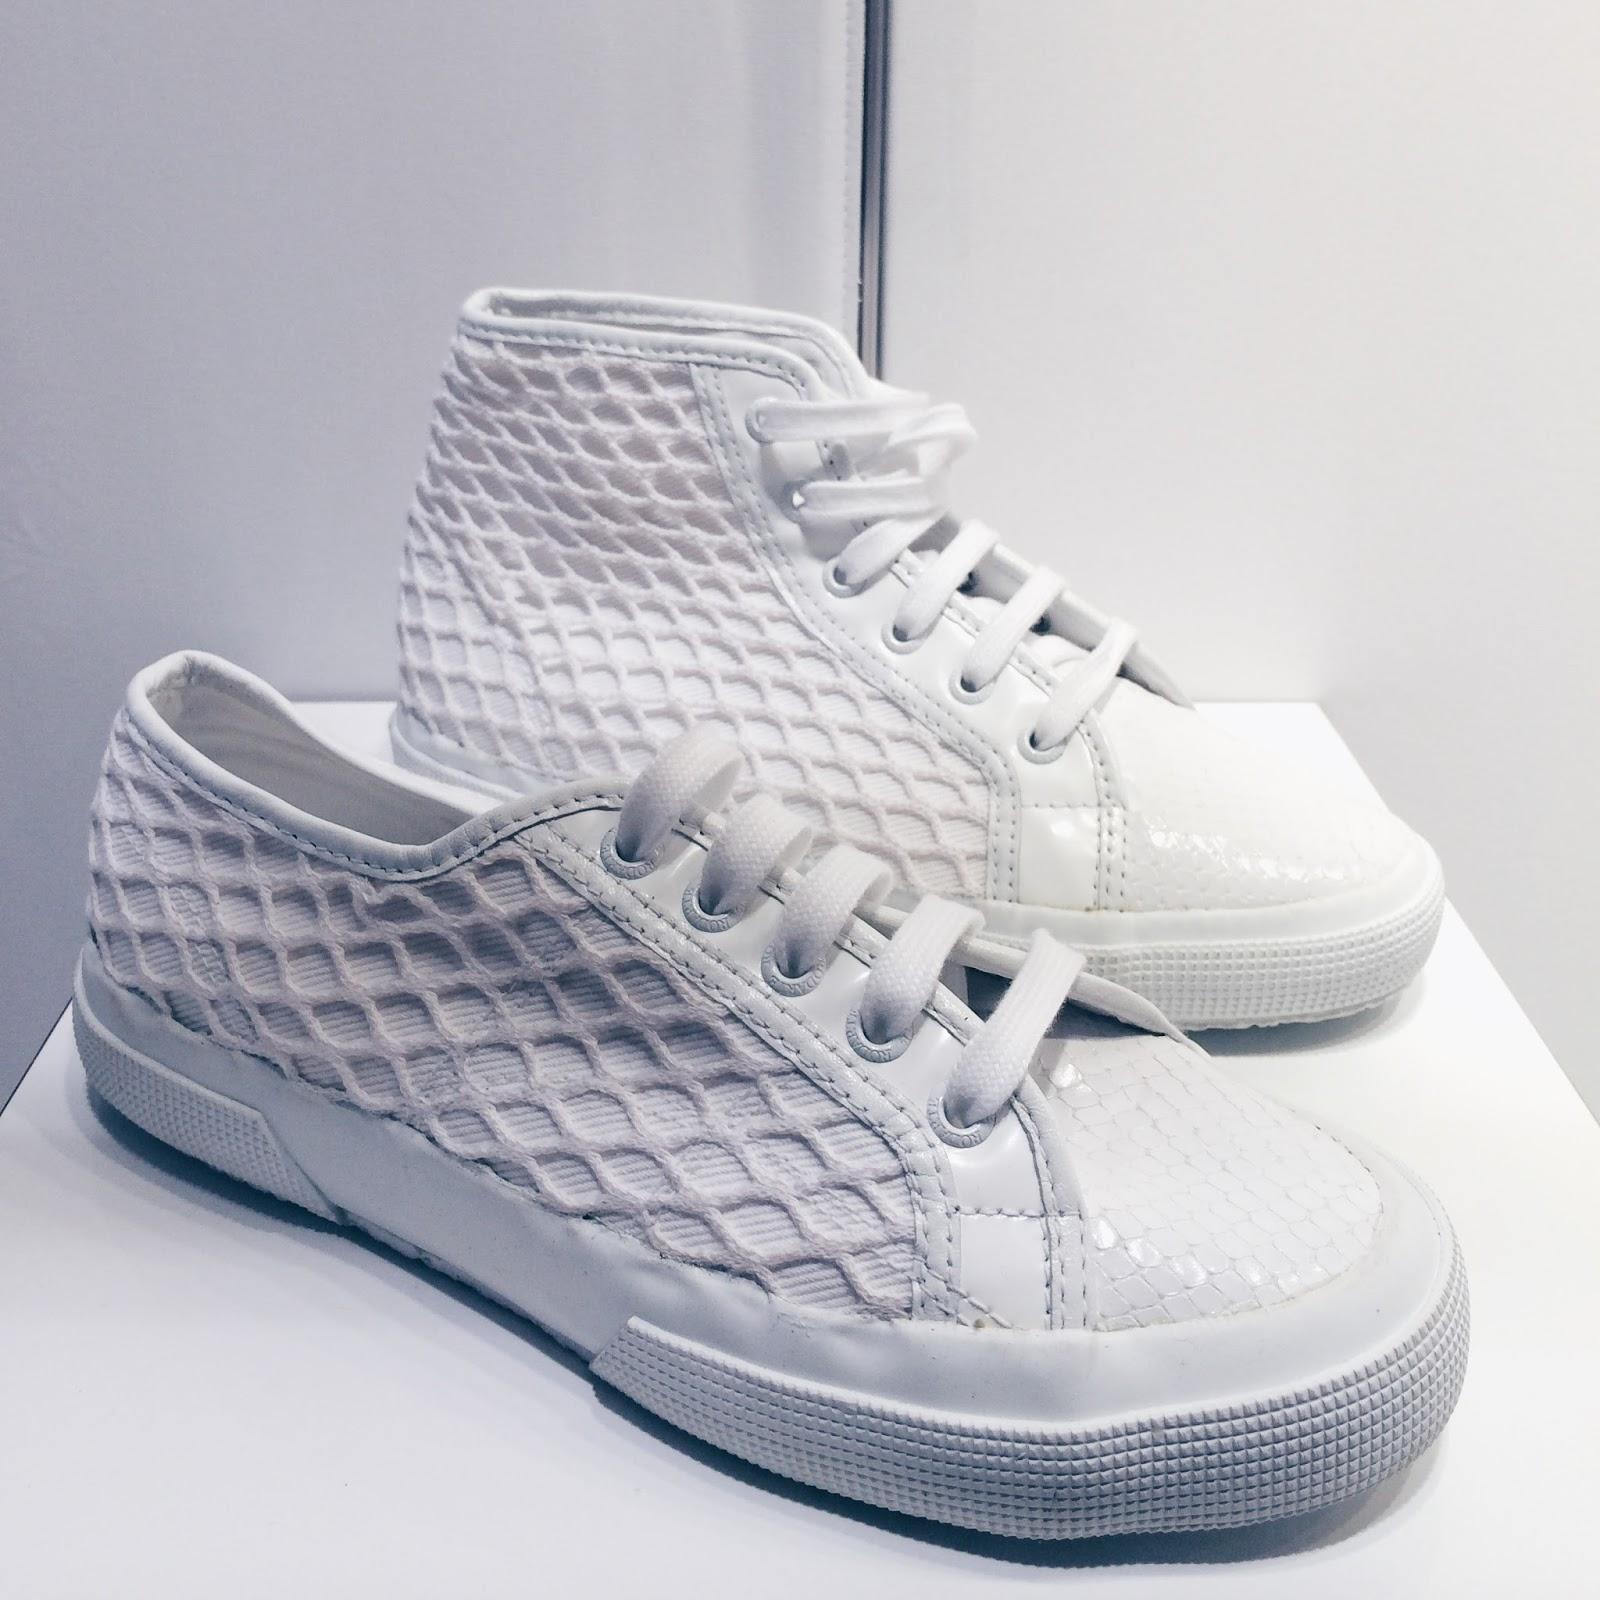 rodarte-superga-ss15-shoes1.jpg